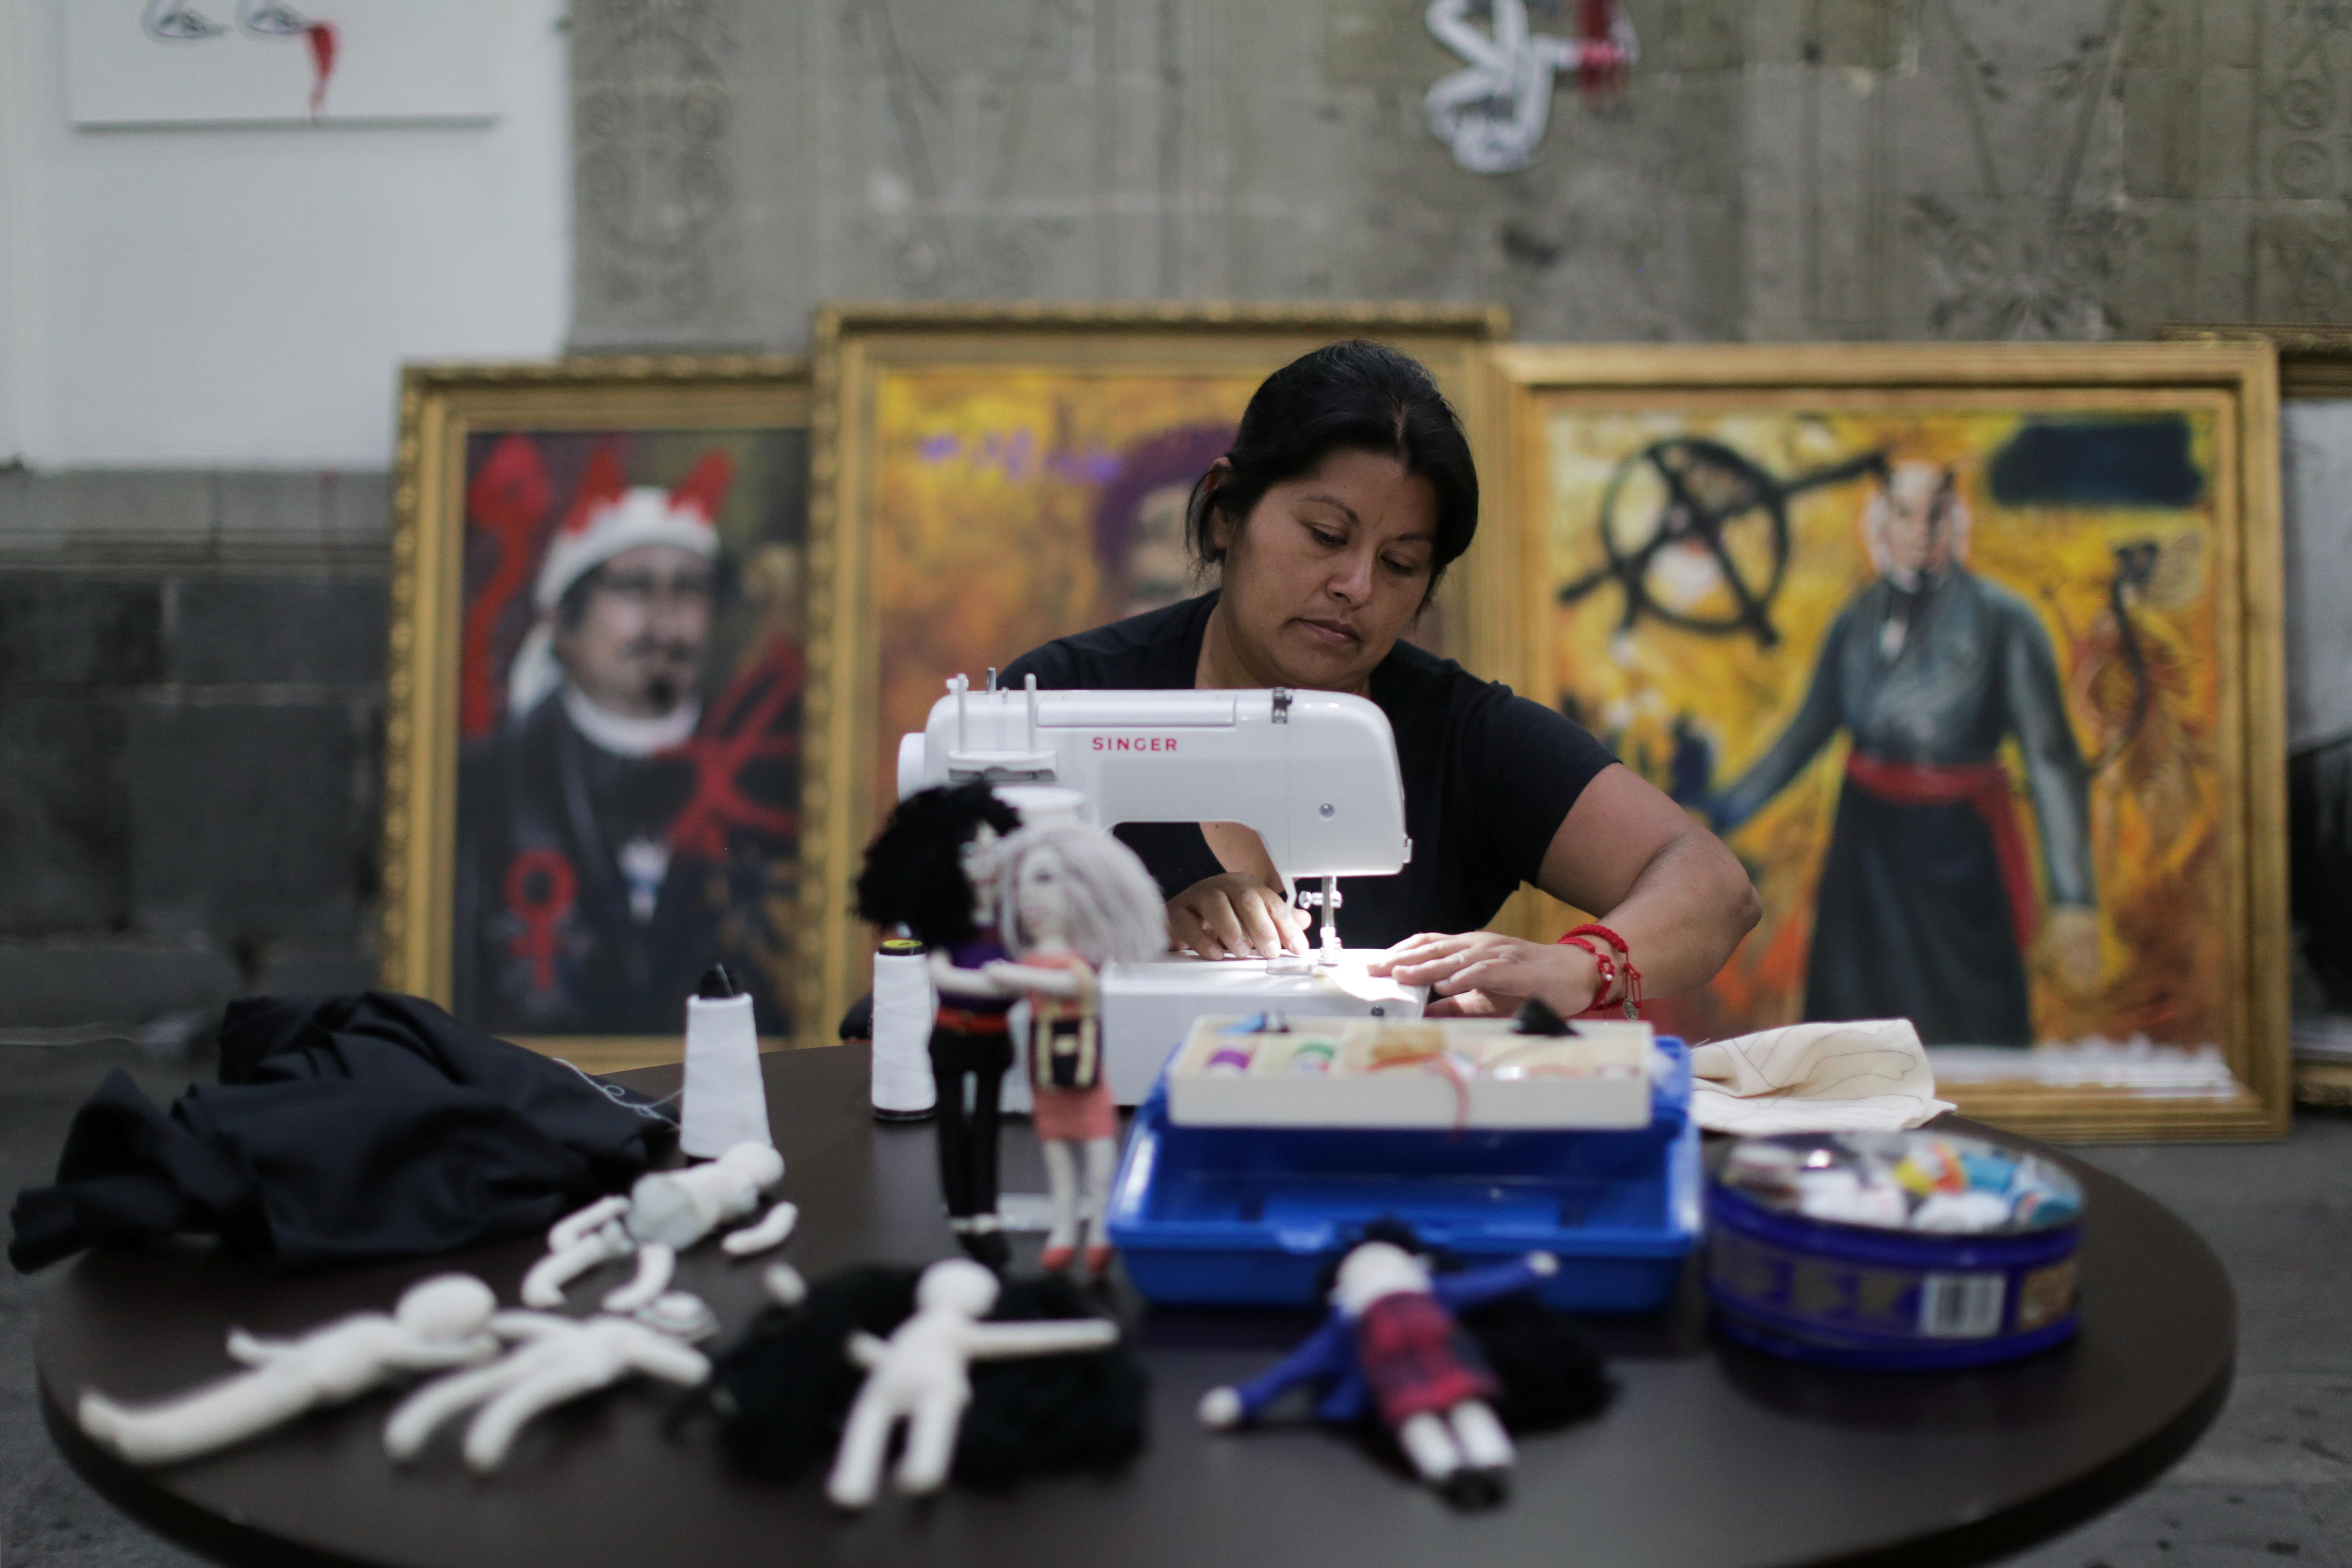 Erika Martínez, madre de una víctima de violencia de género y activista feminista, cose muñecos de tela dentro de las instalaciones del edificio de la Comisión Nacional de Derechos Humanos, en apoyo a las víctimas de violencia de género, en la Ciudad de México, México 10 de septiembre de 2020. Fotografía tomada el 10 de septiembre de 2020.